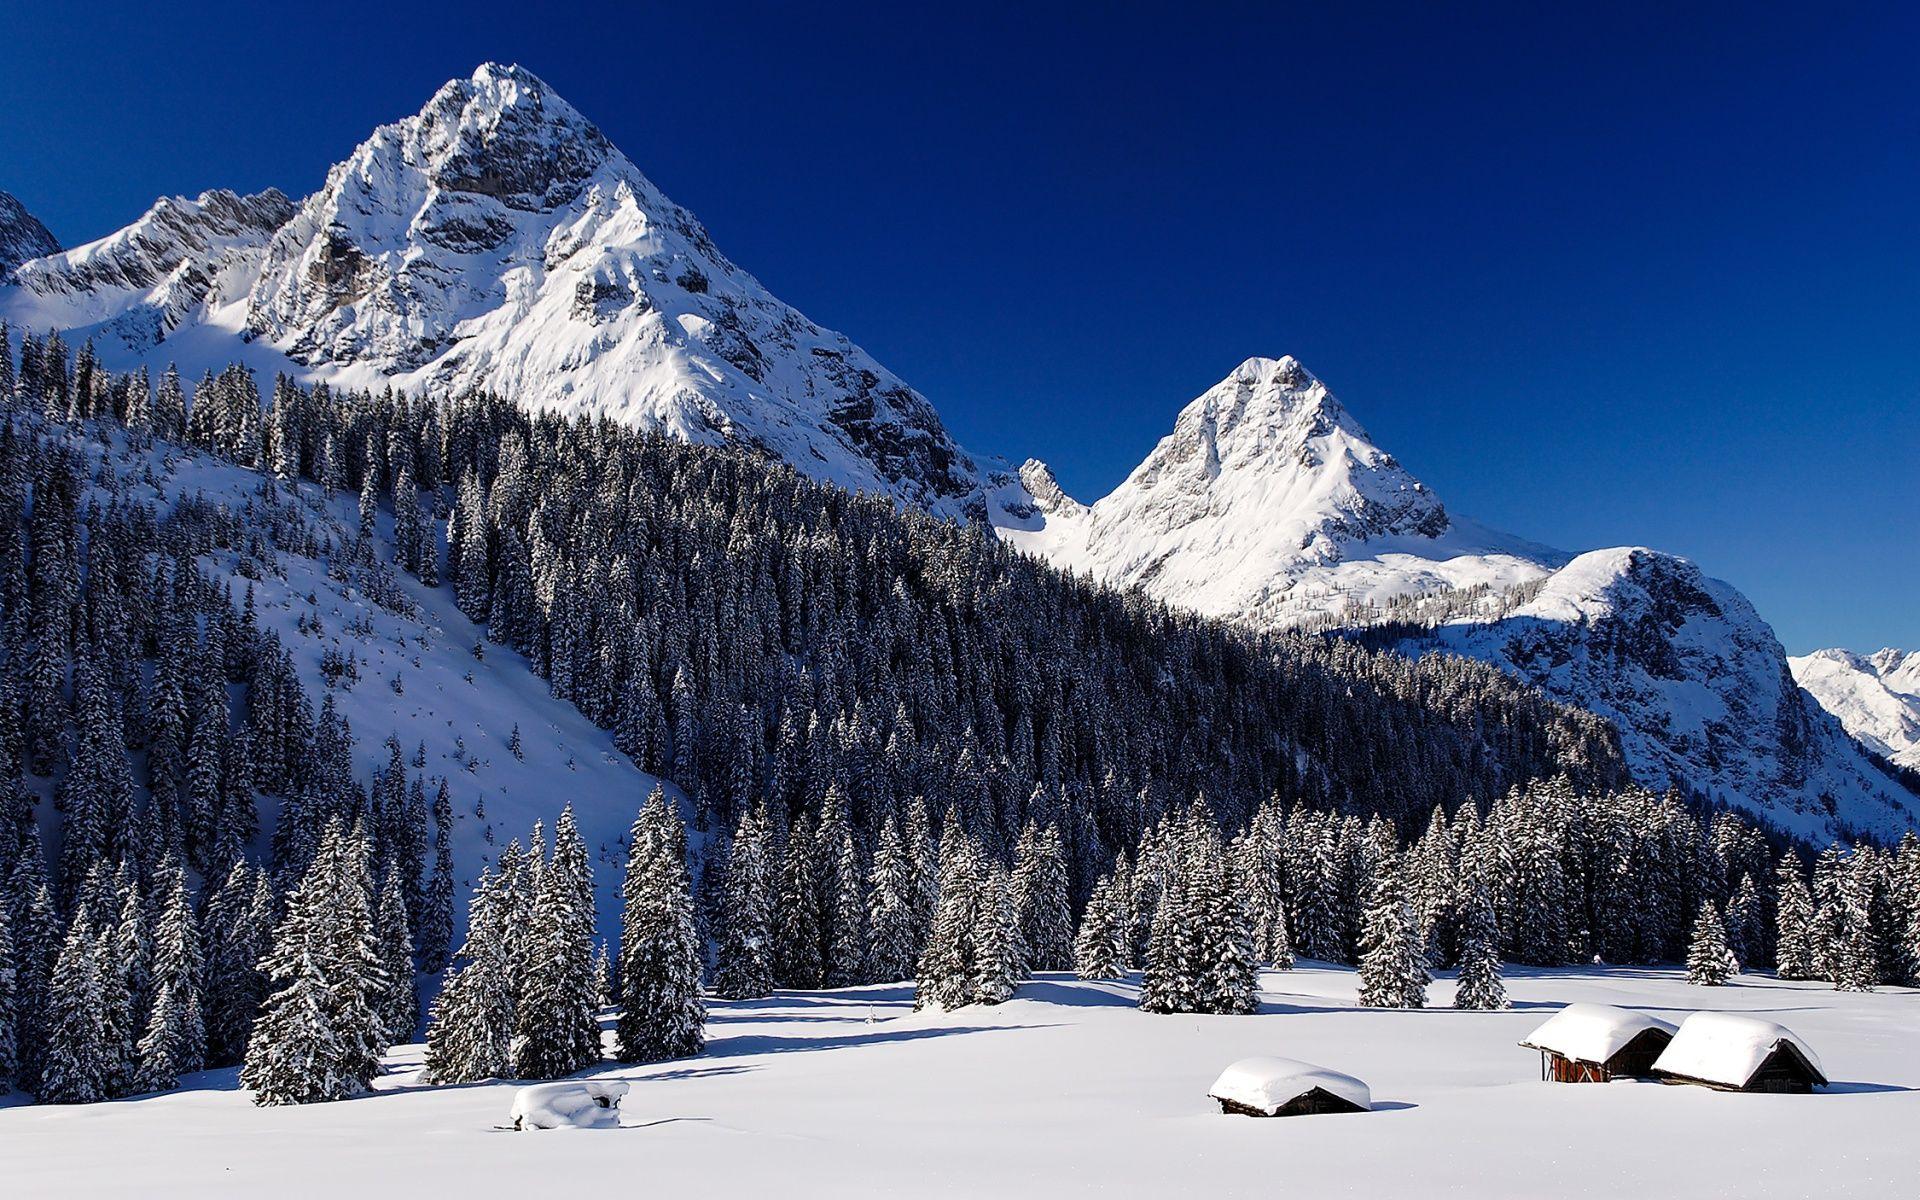 картинка снежные горы россии первая предложила заменить